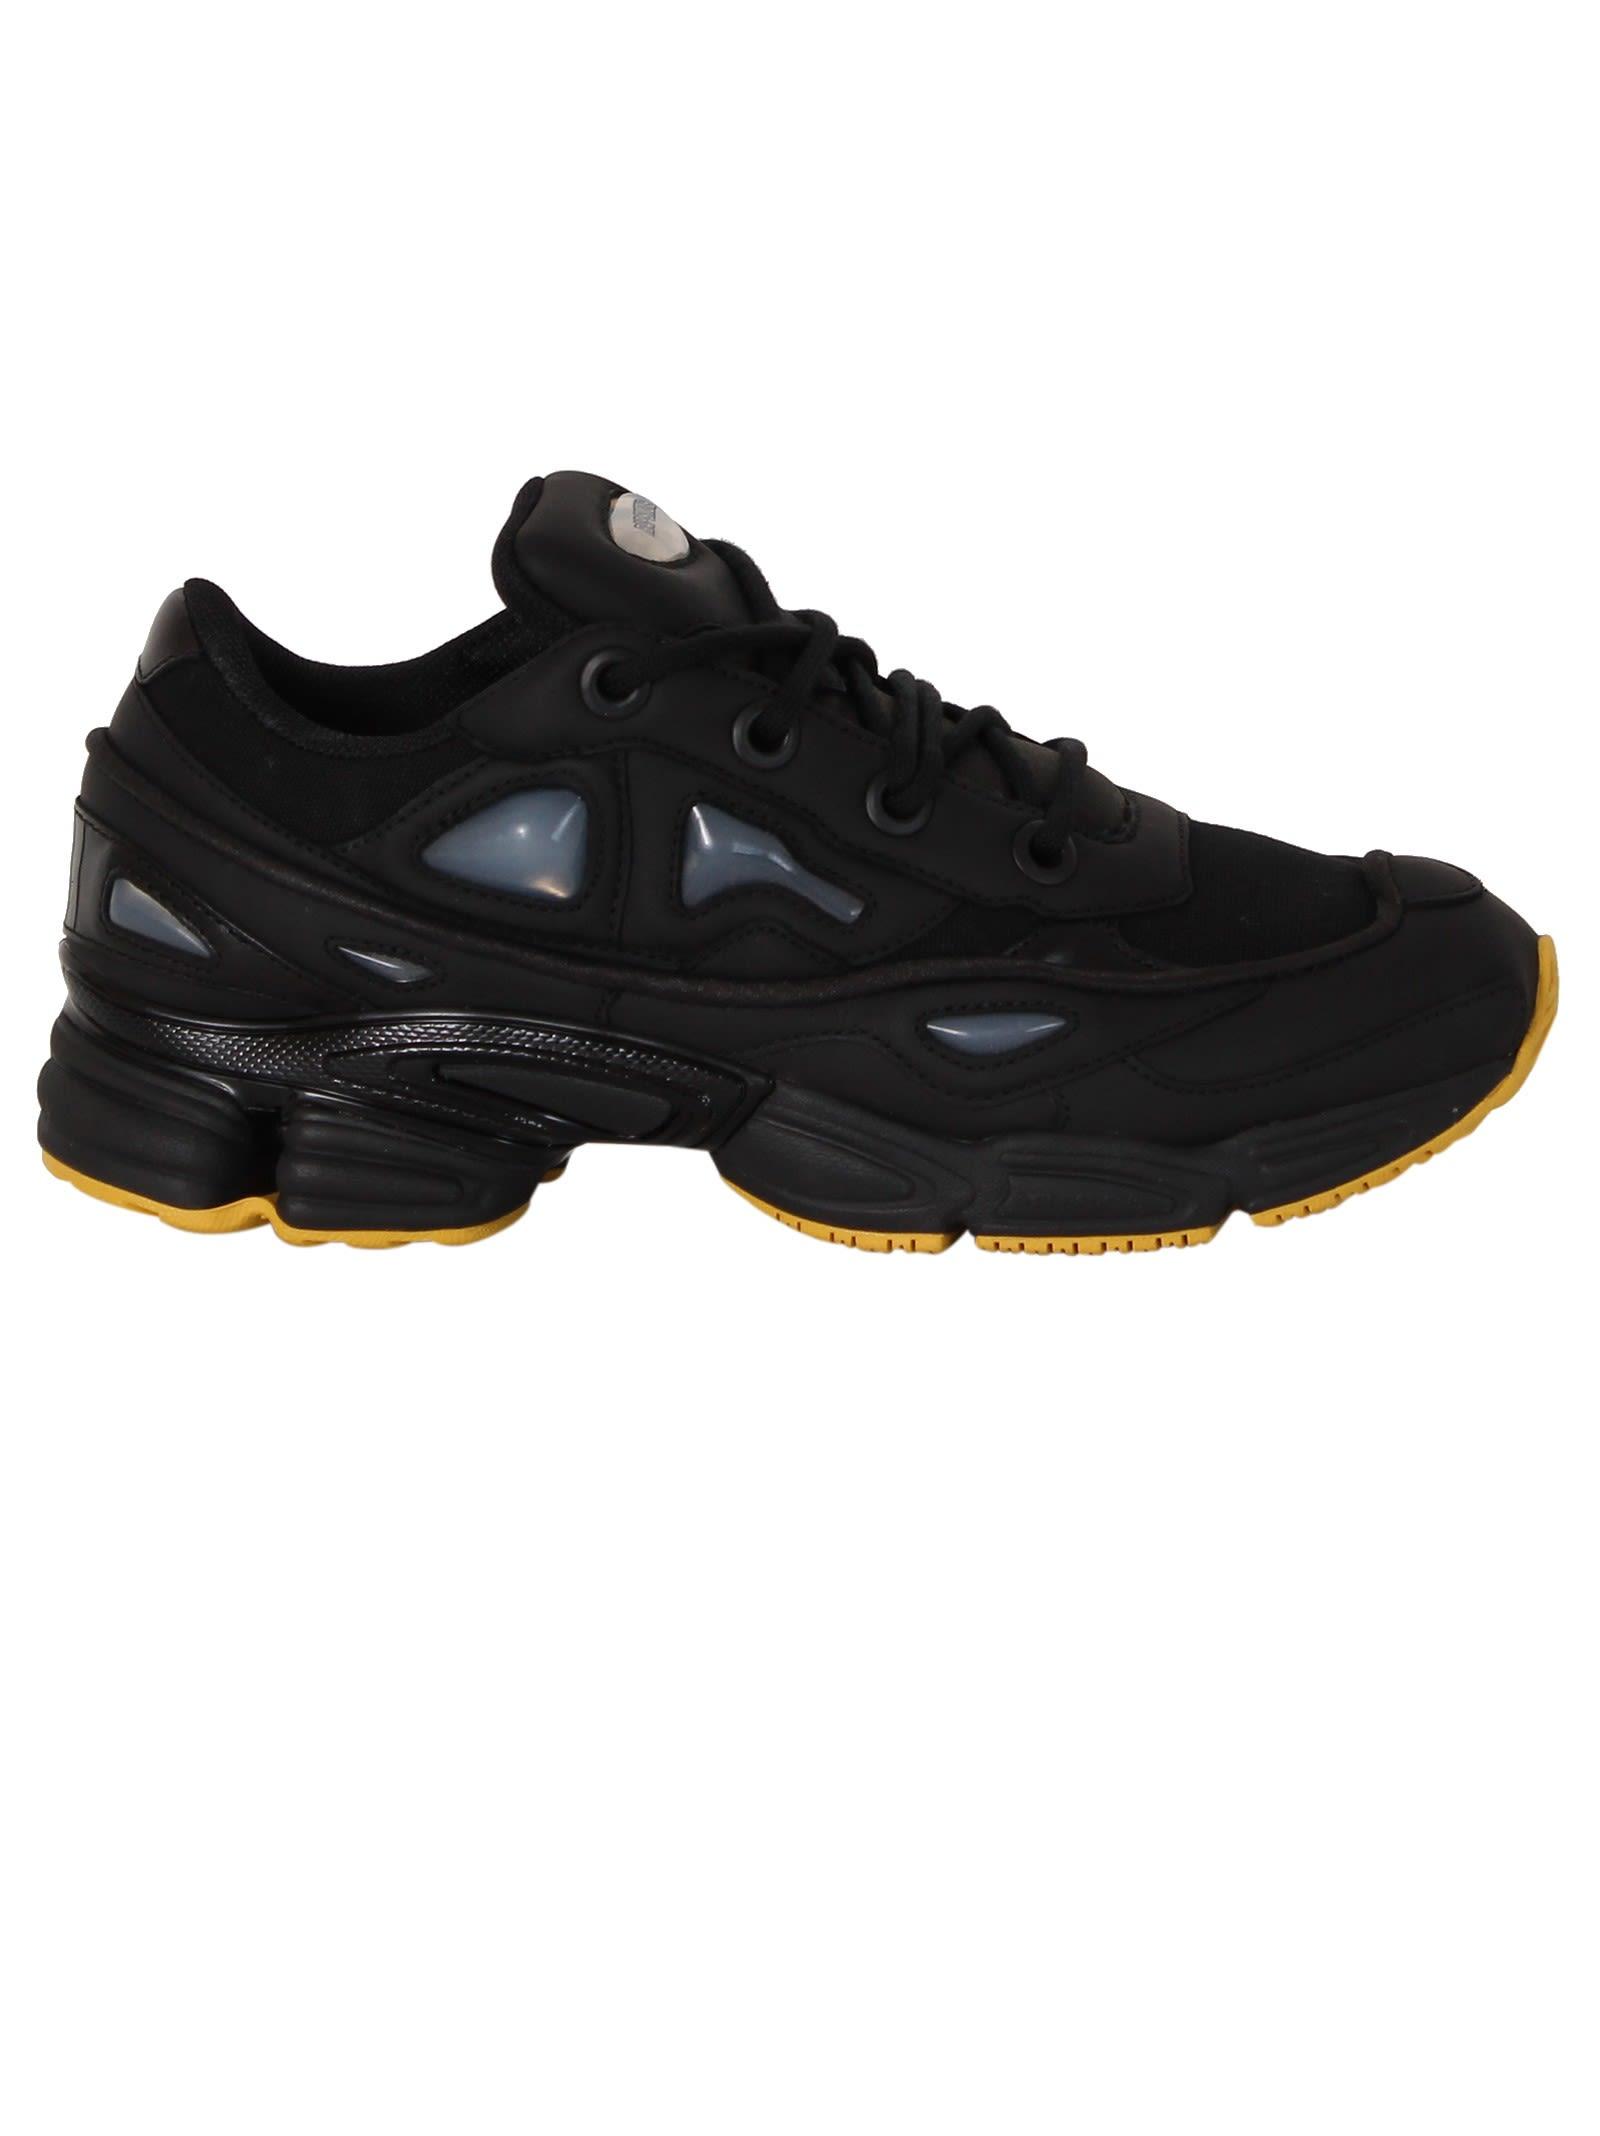 Adidas By Raf Simons Ozweego Iii Black Sneakers